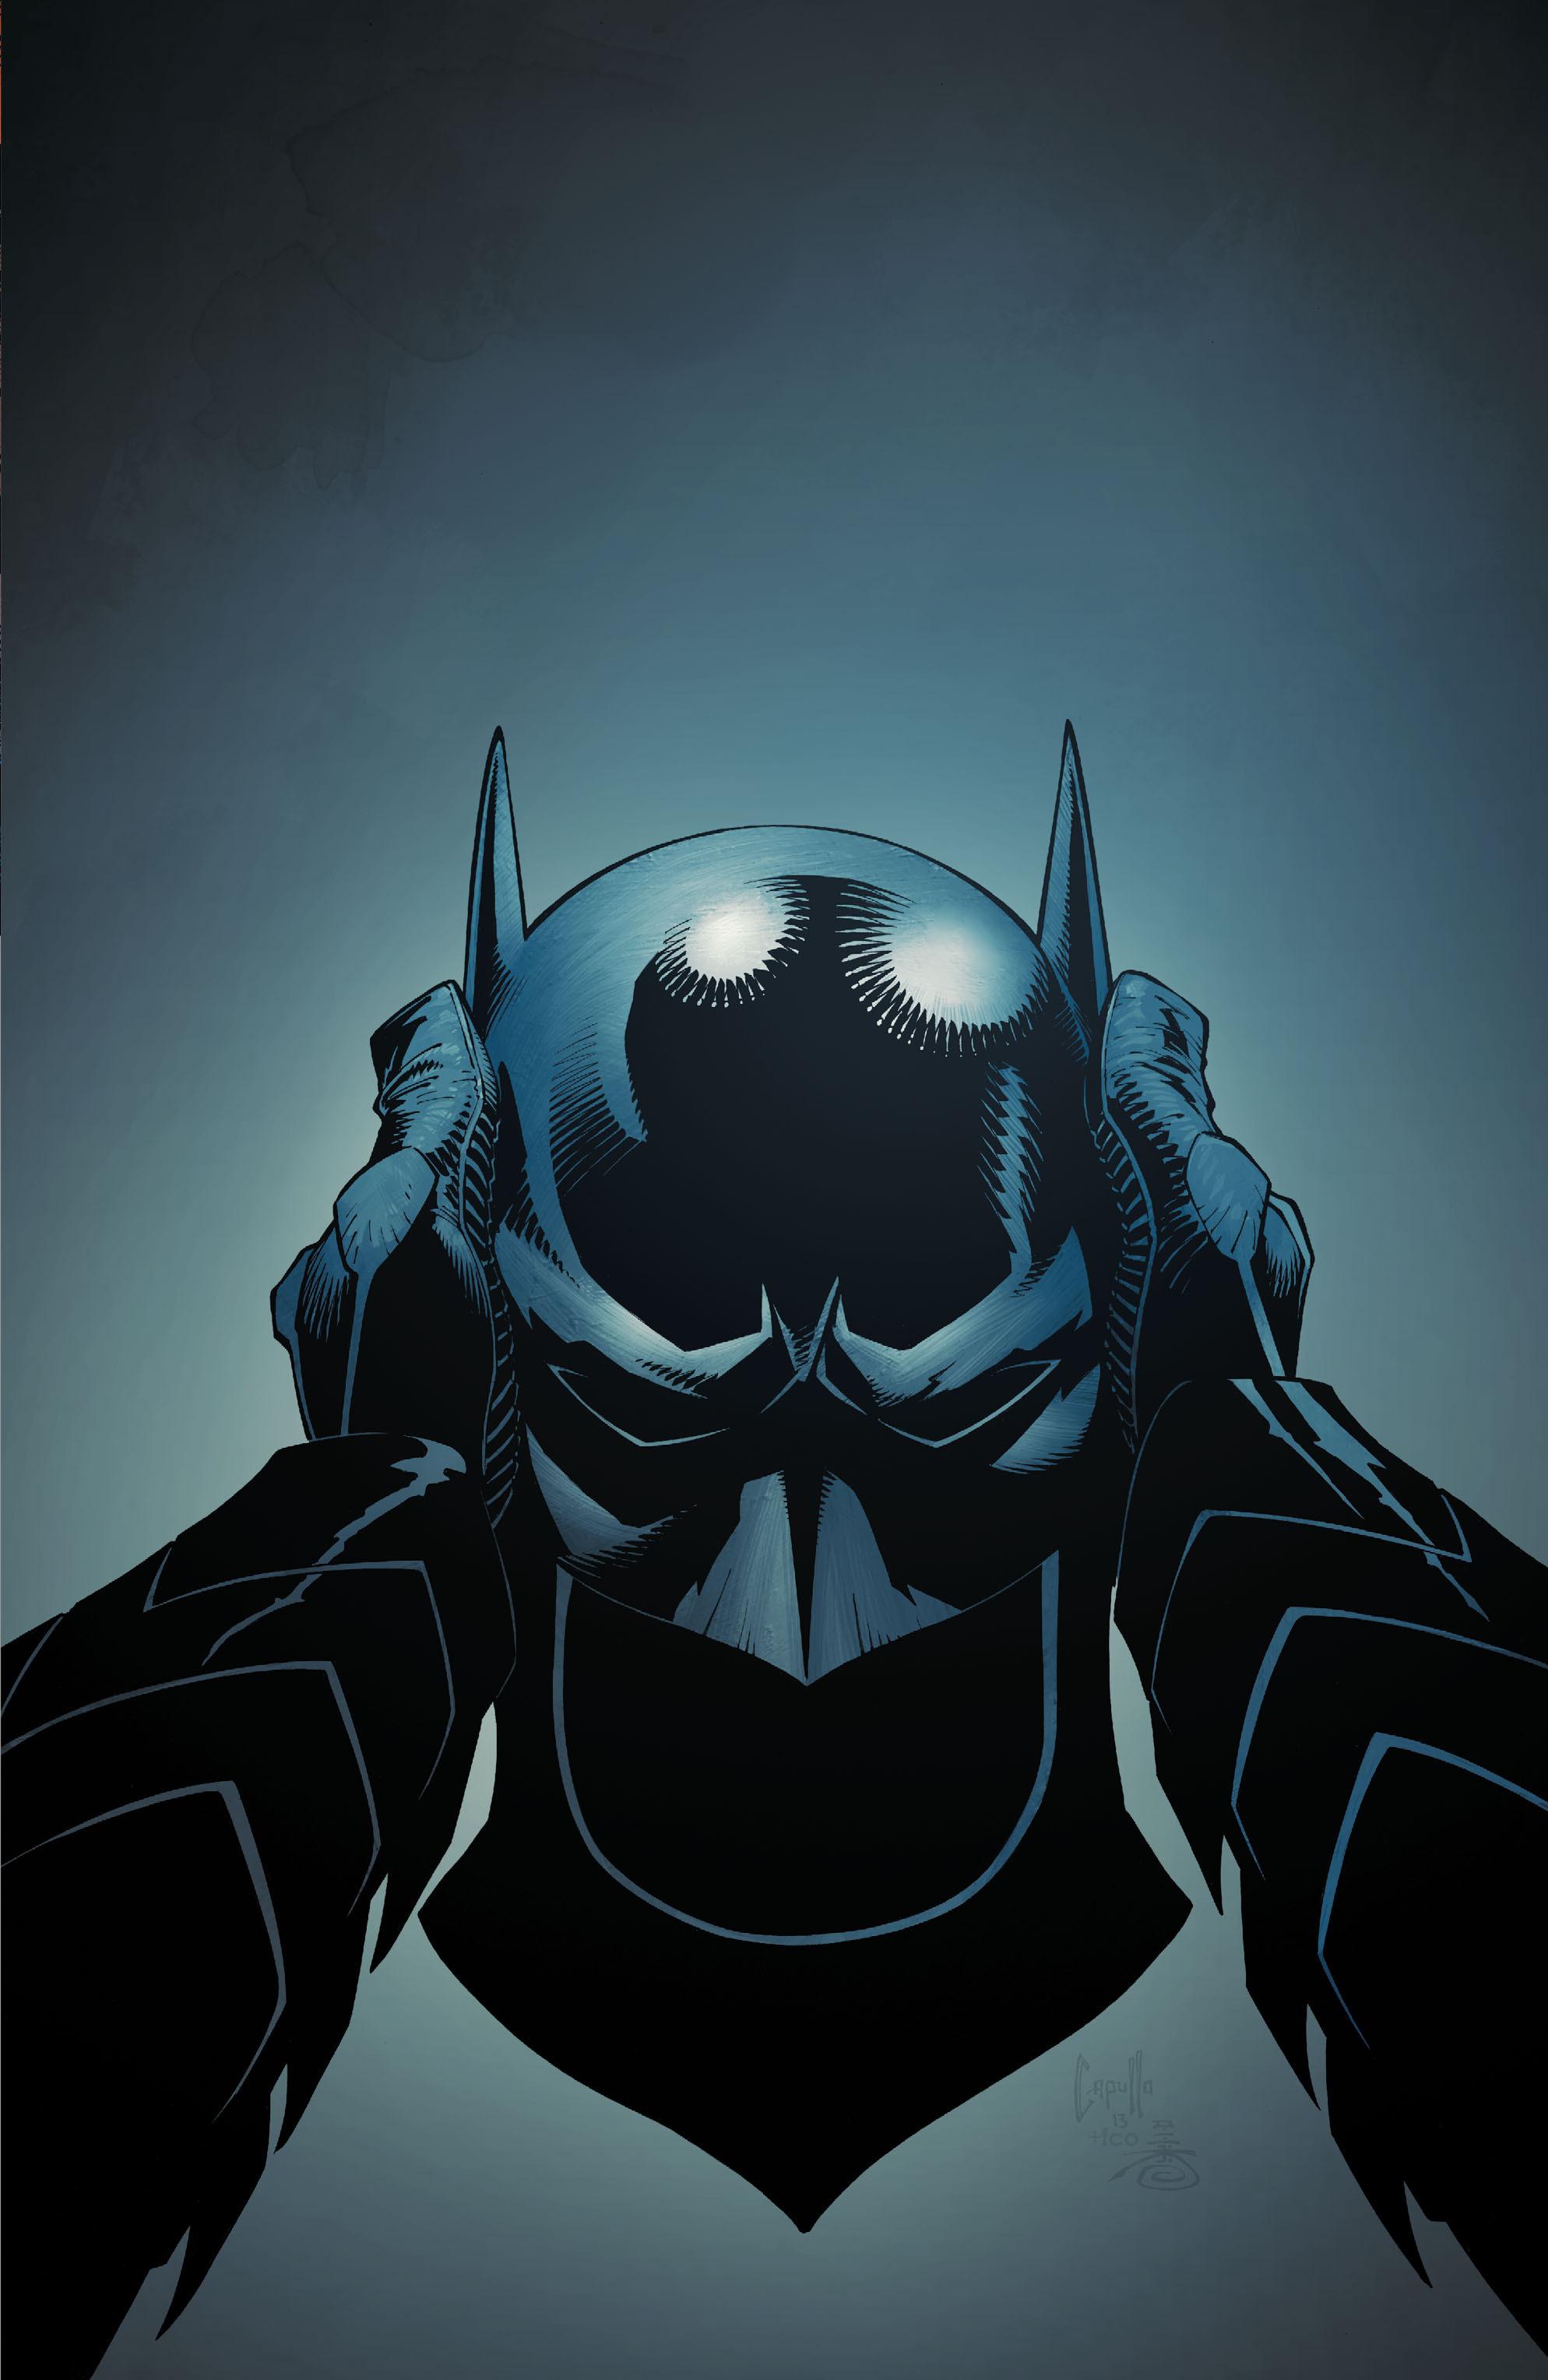 DC Comics: Zero Year chap tpb pic 5